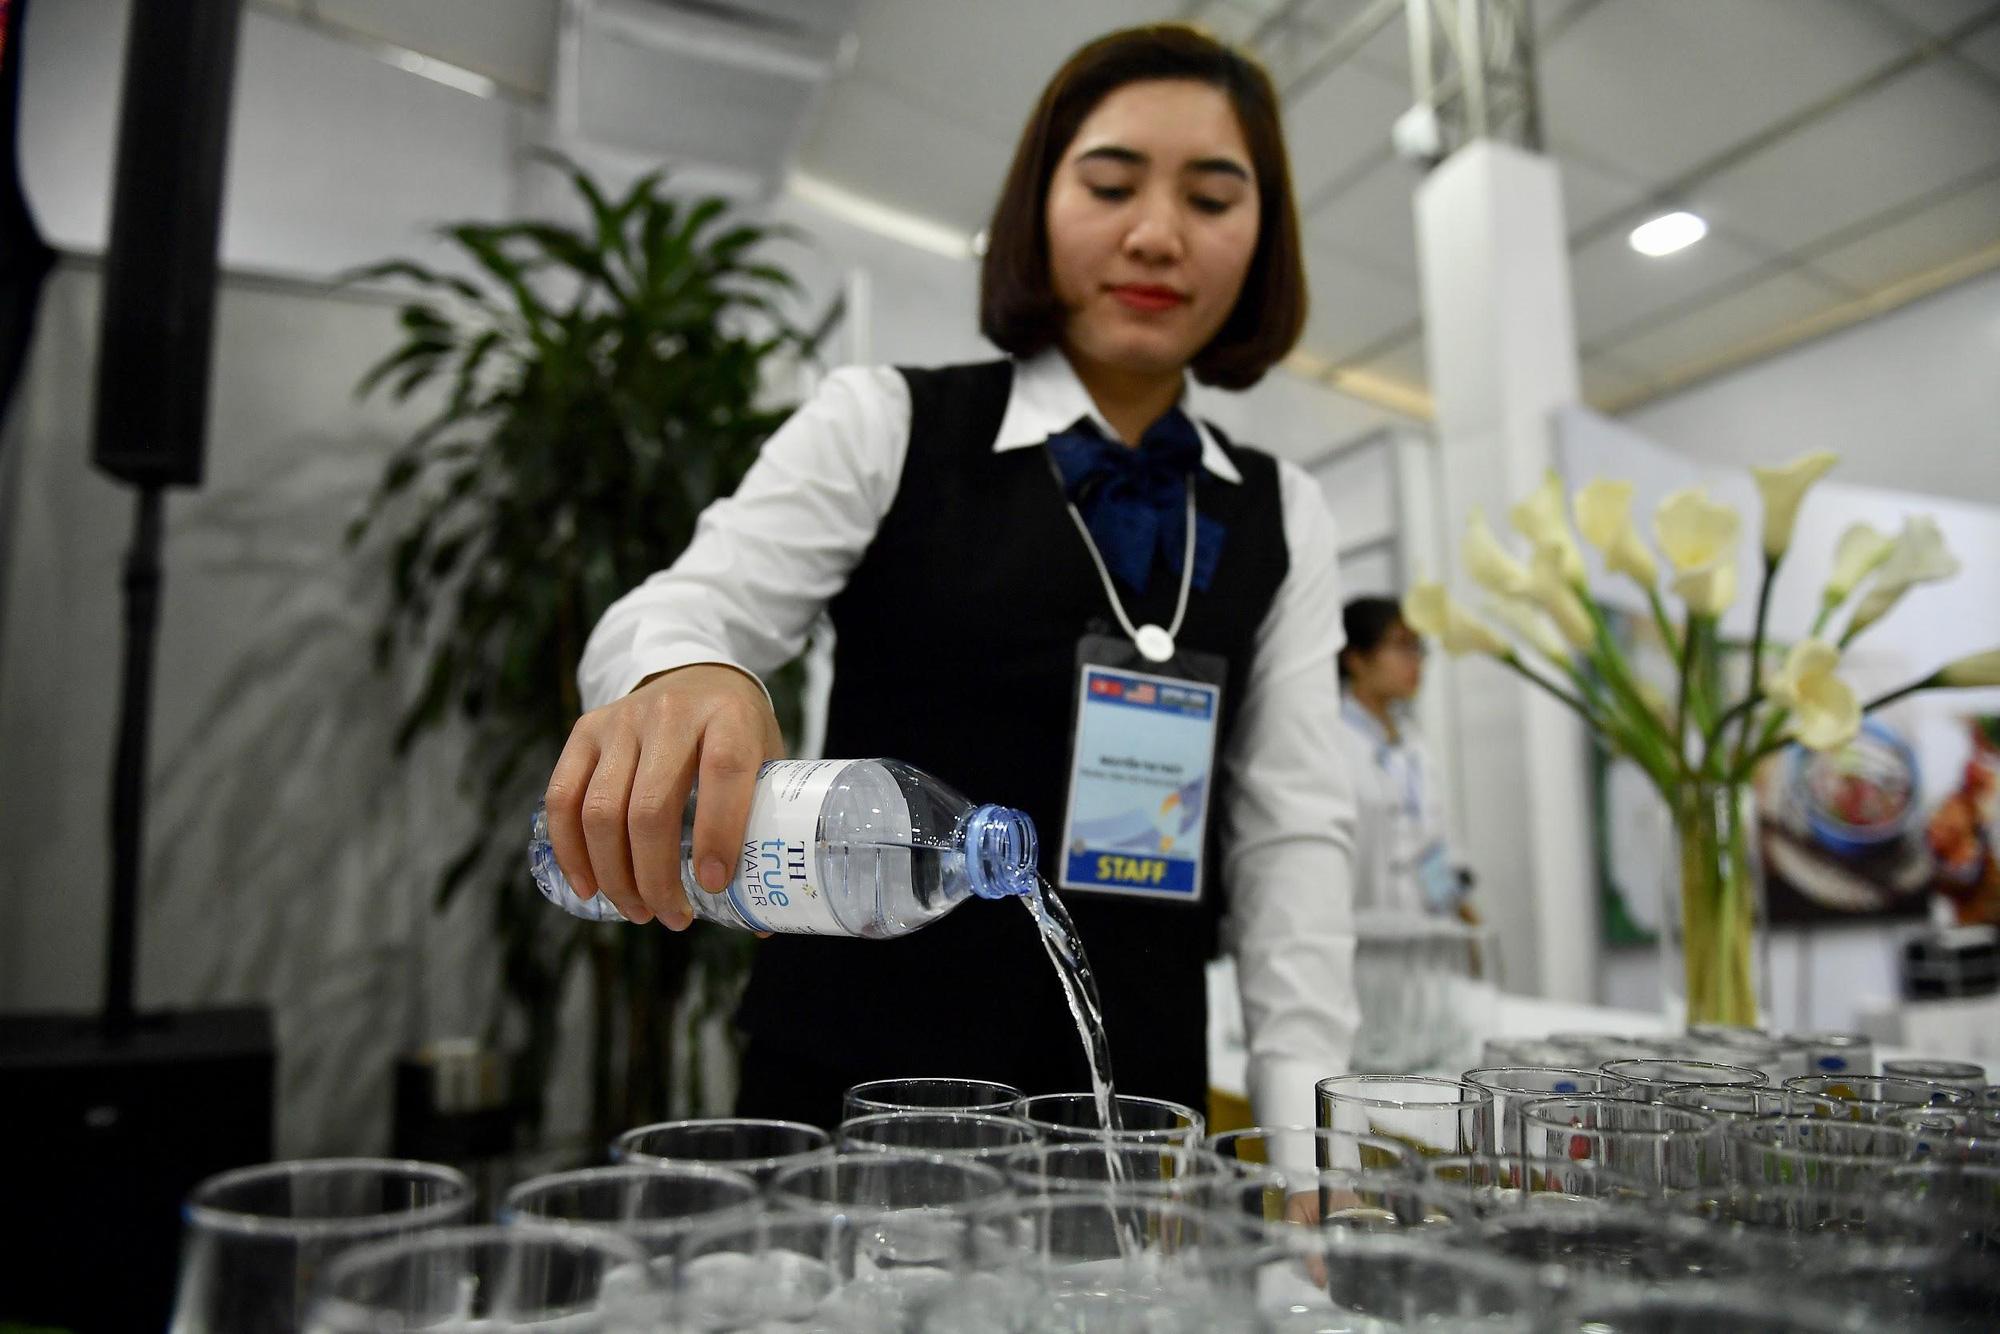 Ngọn núi lửa đã tắt ở Việt Nam mang đến nguồn nước quý cho sức khỏe - Ảnh 8.